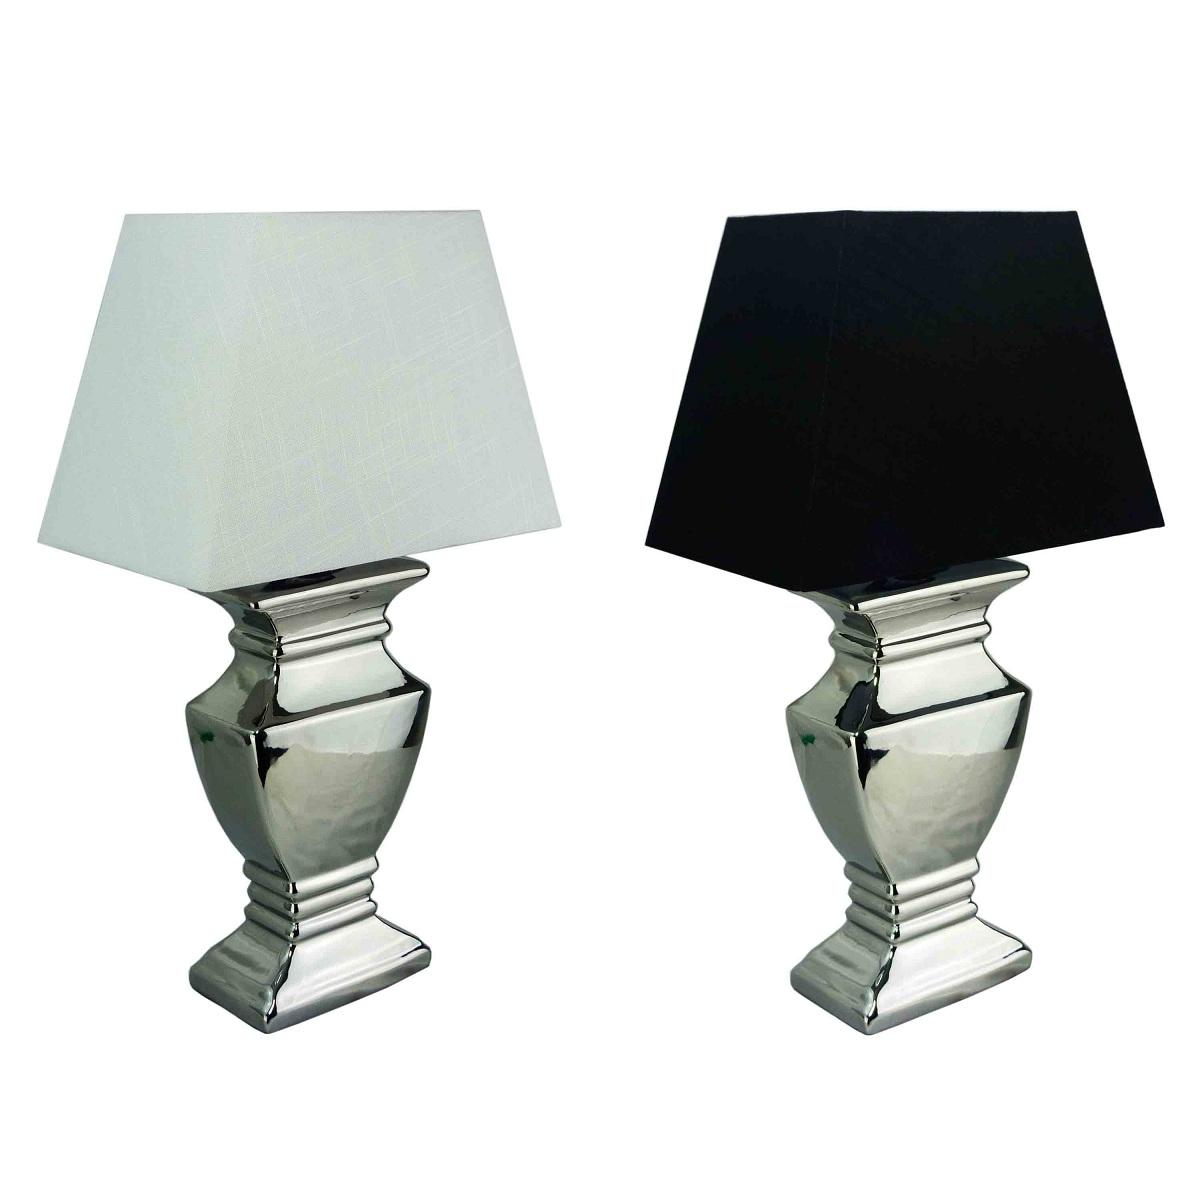 tischlampe 59 cm silber keramik nachttischlampe shabby leuchte tischleuchte ebay. Black Bedroom Furniture Sets. Home Design Ideas